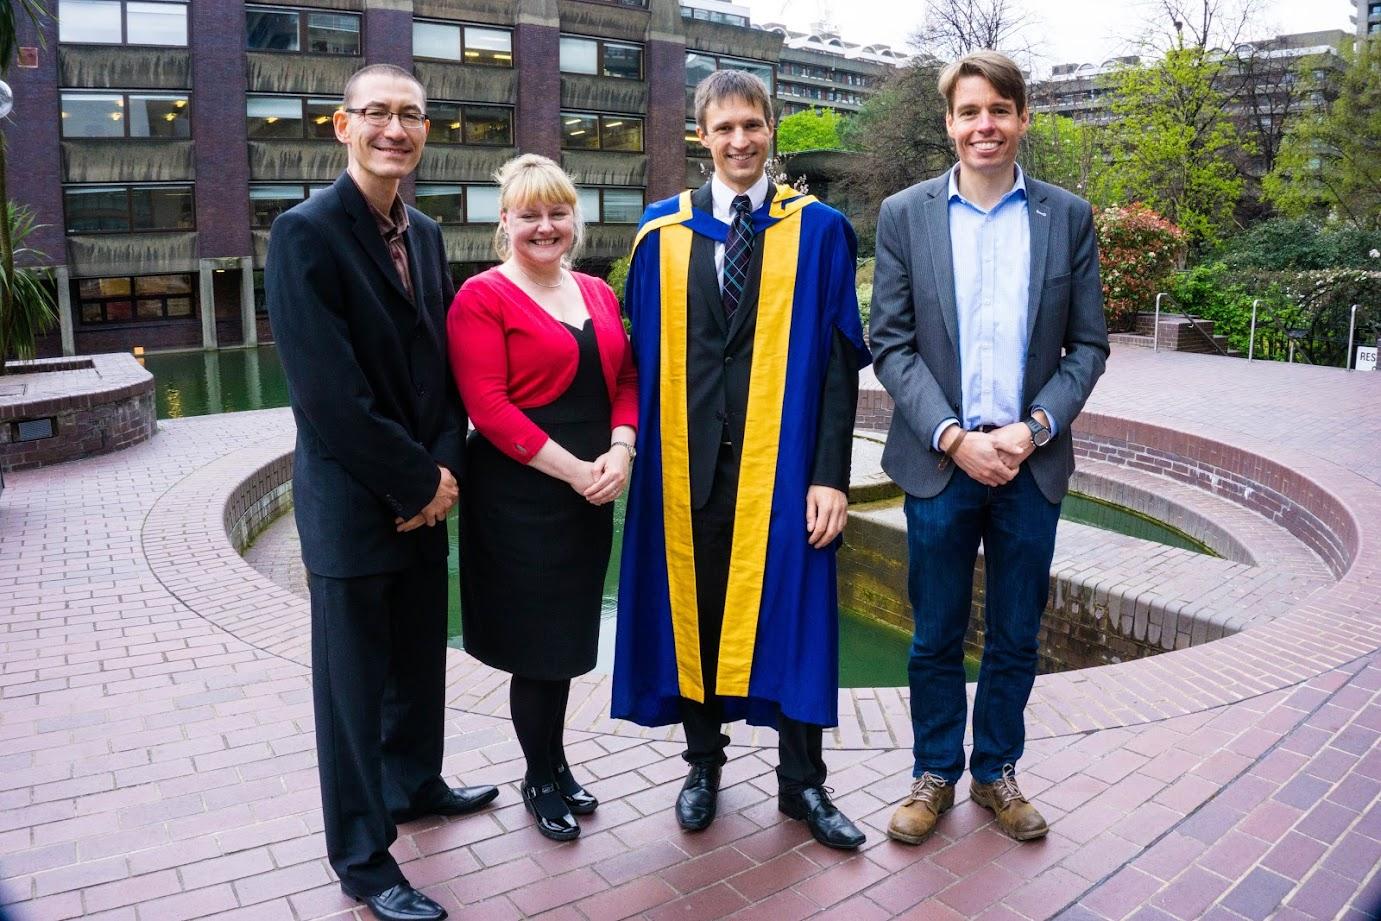 OU graduation, the supervisory team